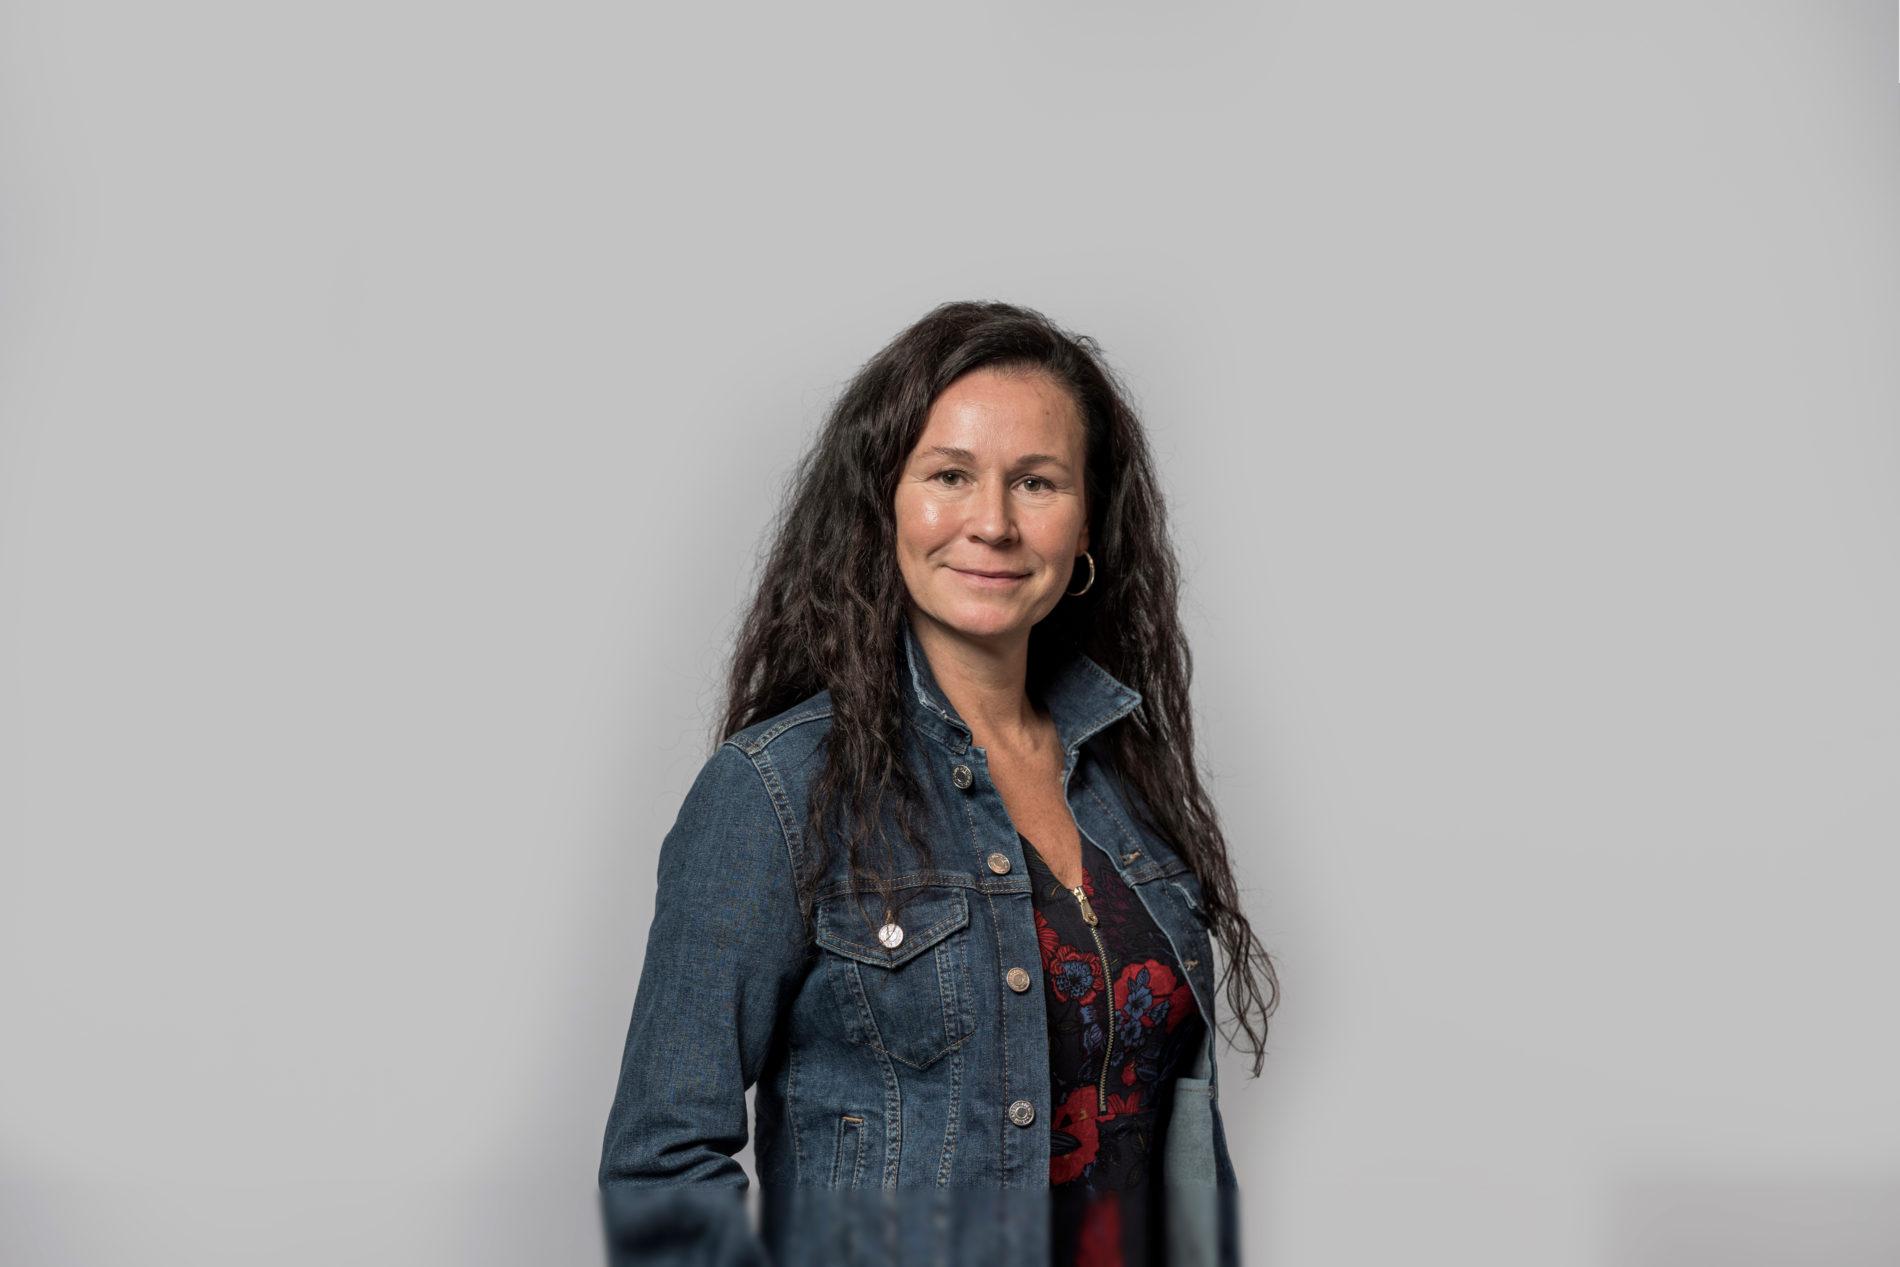 Anna-Maria Kääriä